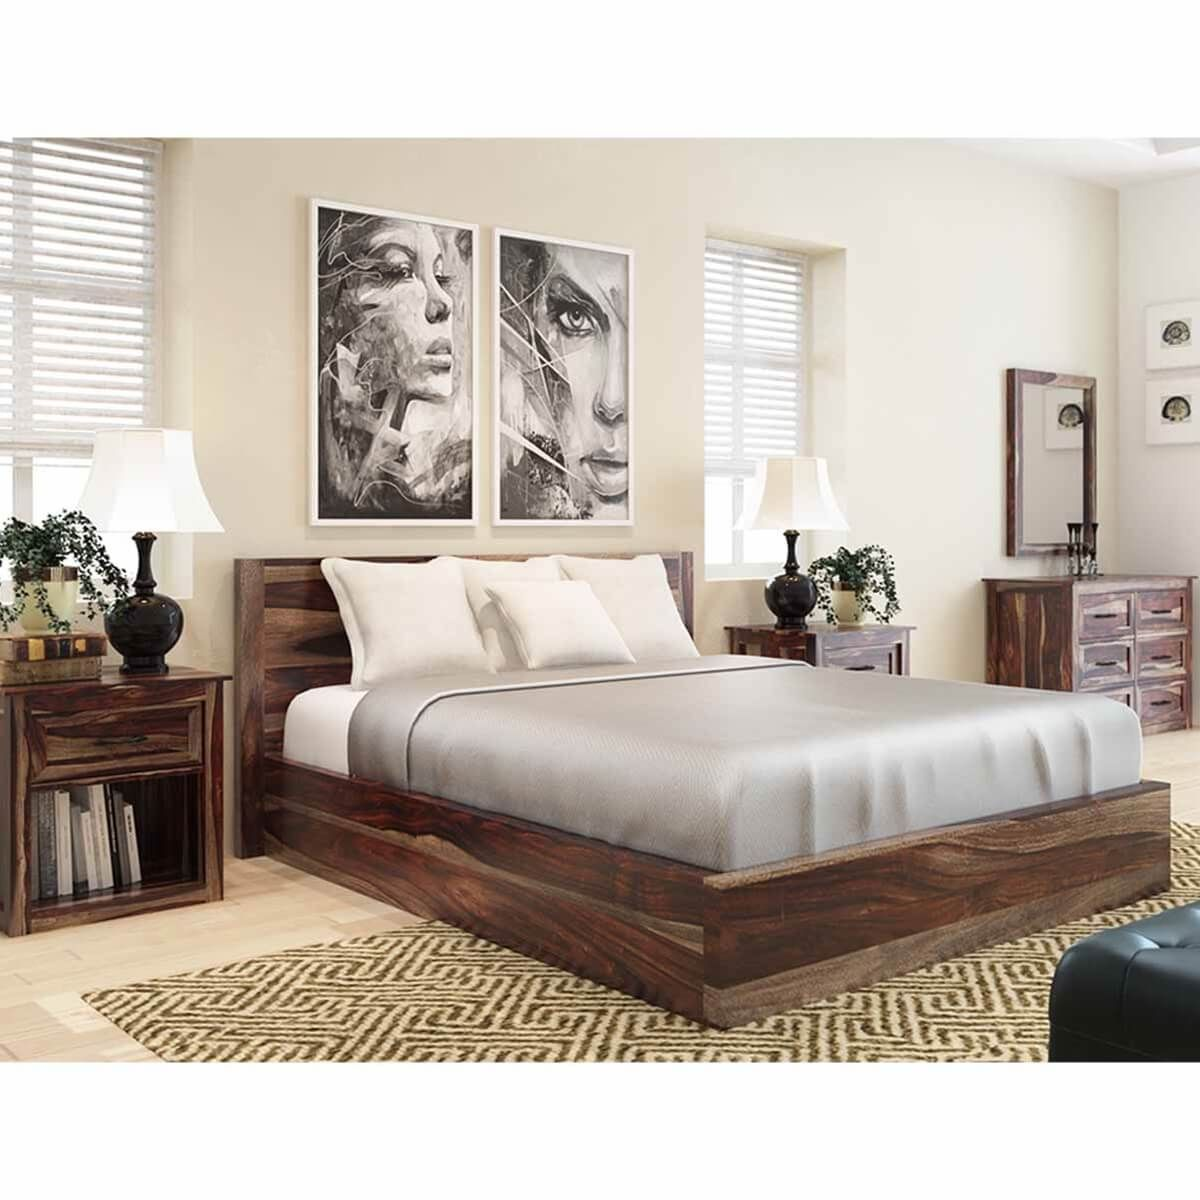 Jamaica 5 Piece Bedroom Set 5 Piece Bedroom Set Bedroom Set Furniture